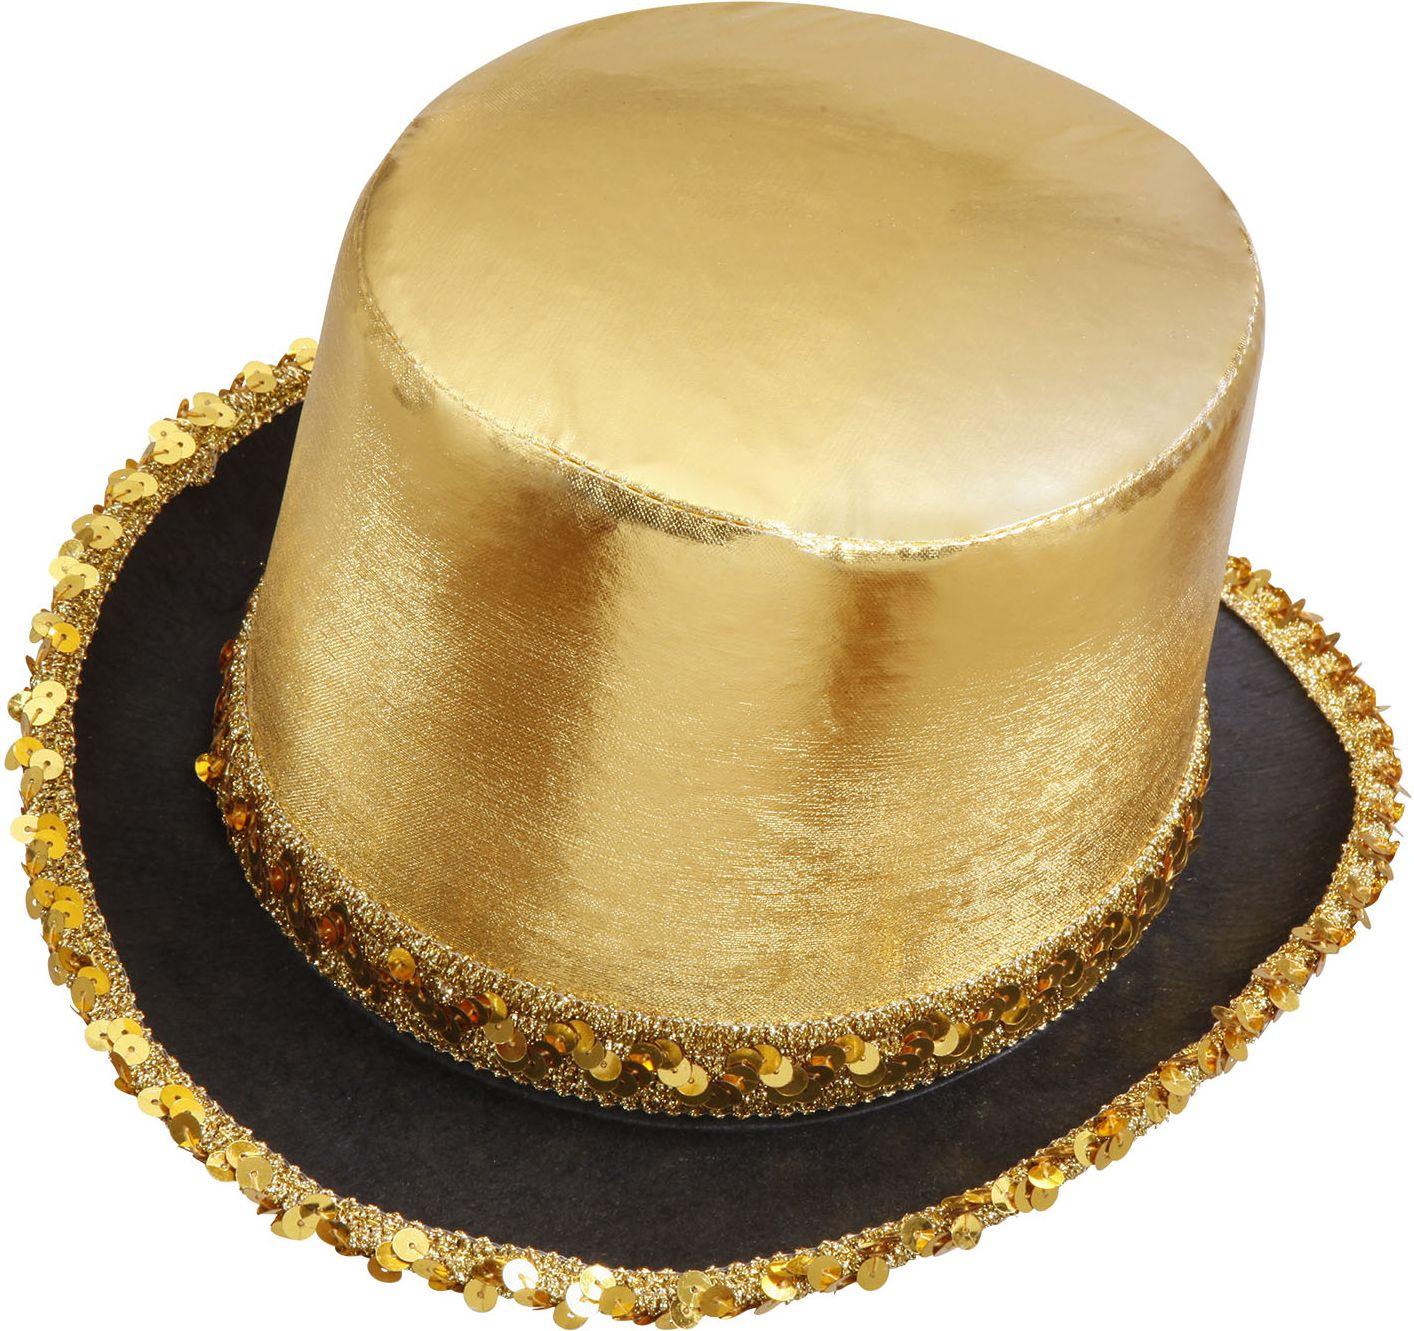 Gouden hoge hoed met pailletten rand